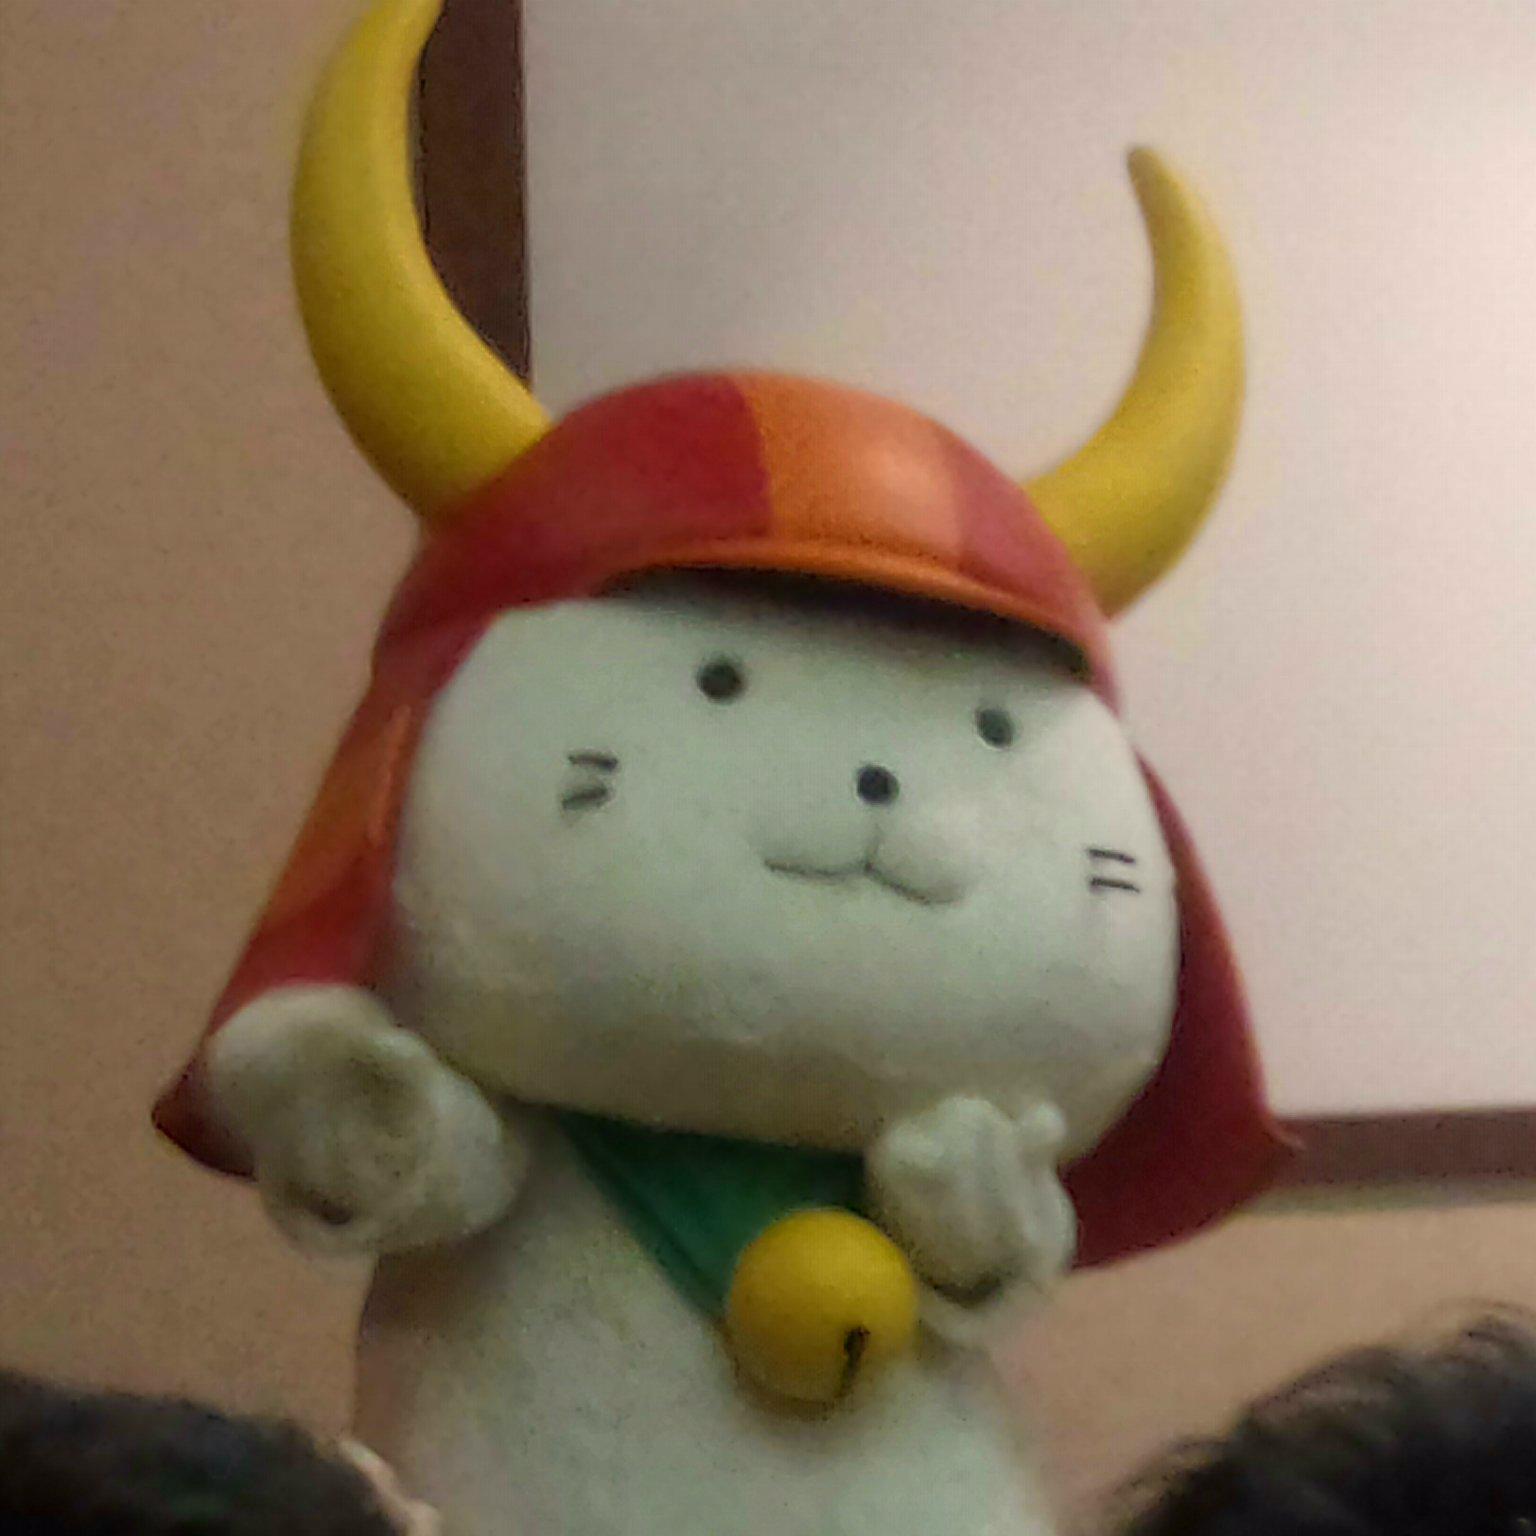 国宝4城制覇(^^)v